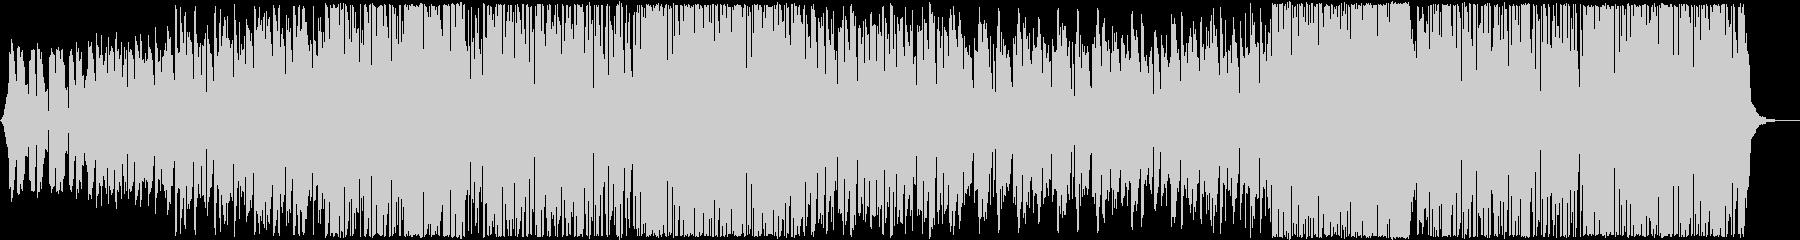 リラックスして聴けるチルアウト系ハウスの未再生の波形